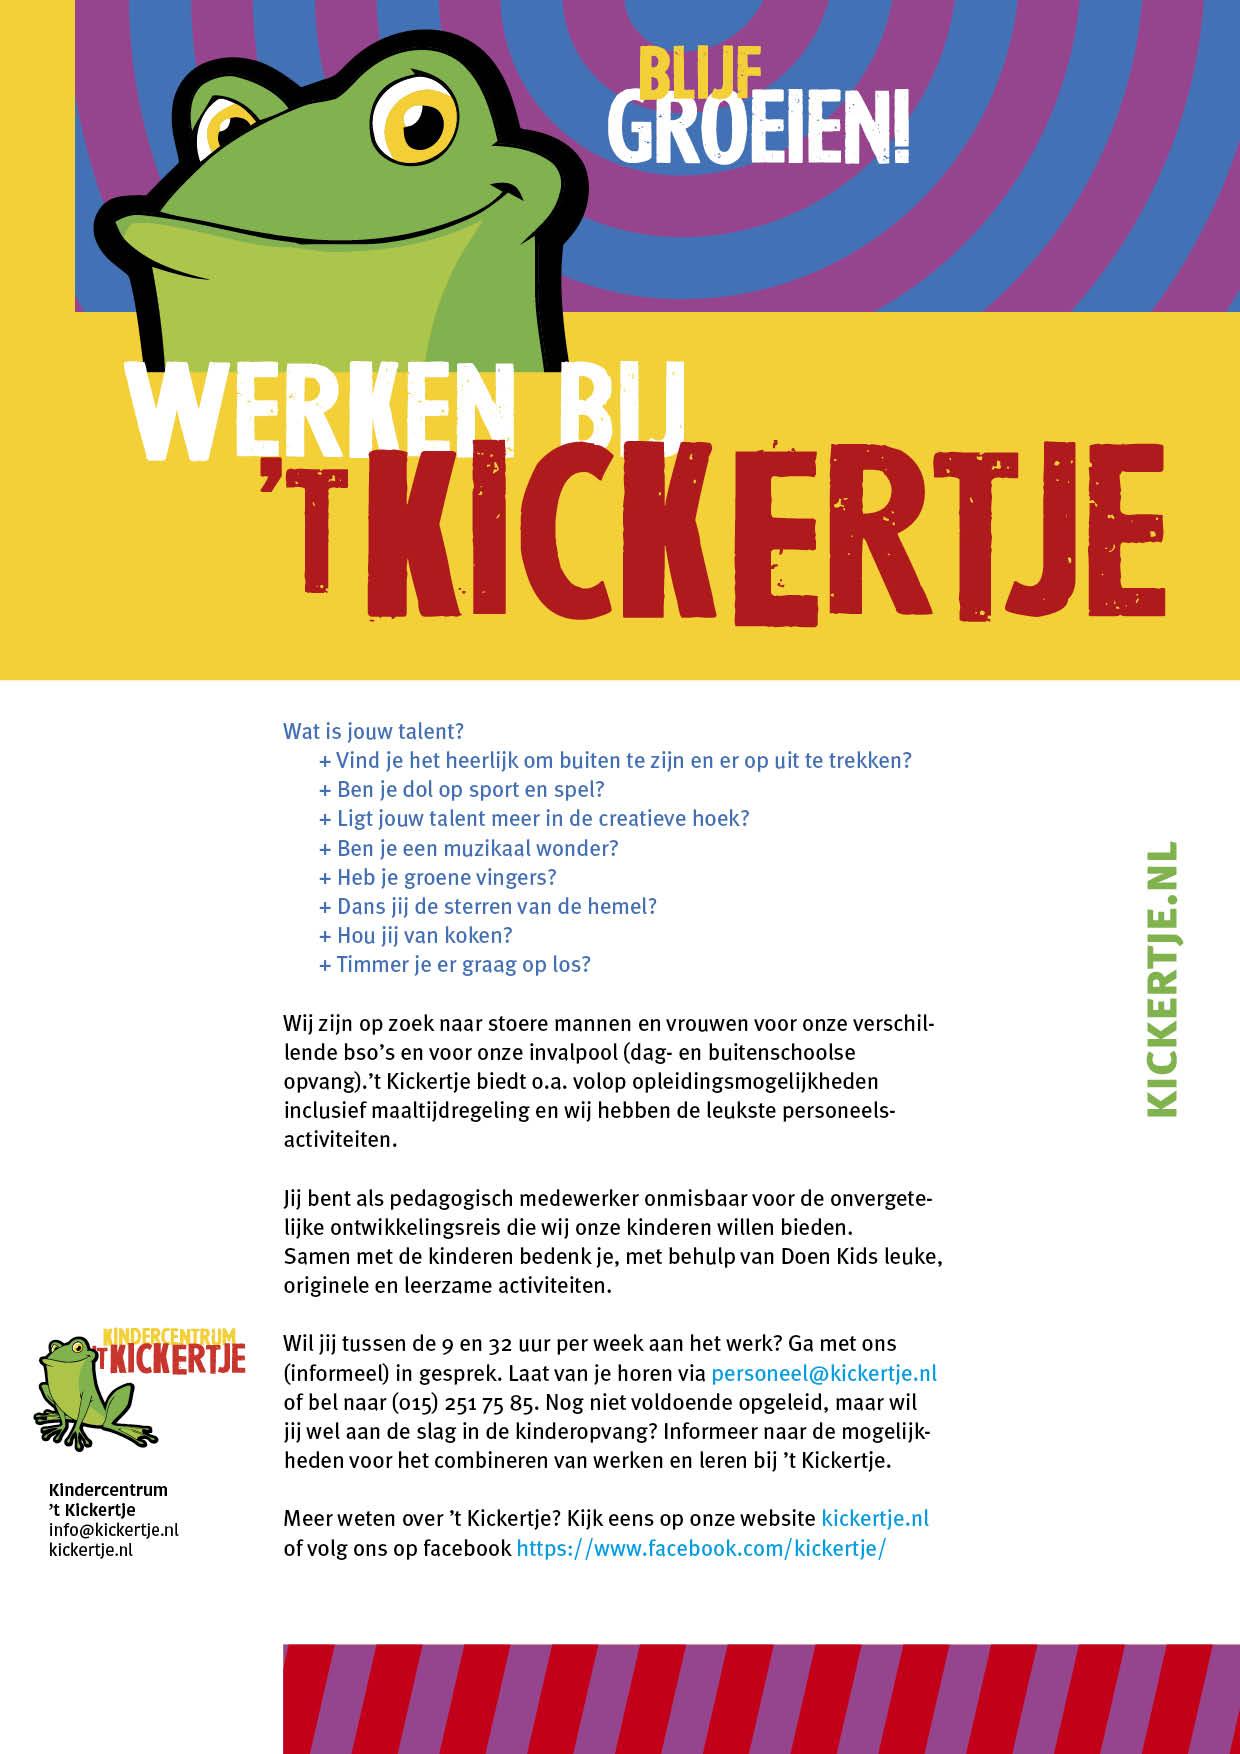 Kickertje_vacatures_algemeen32